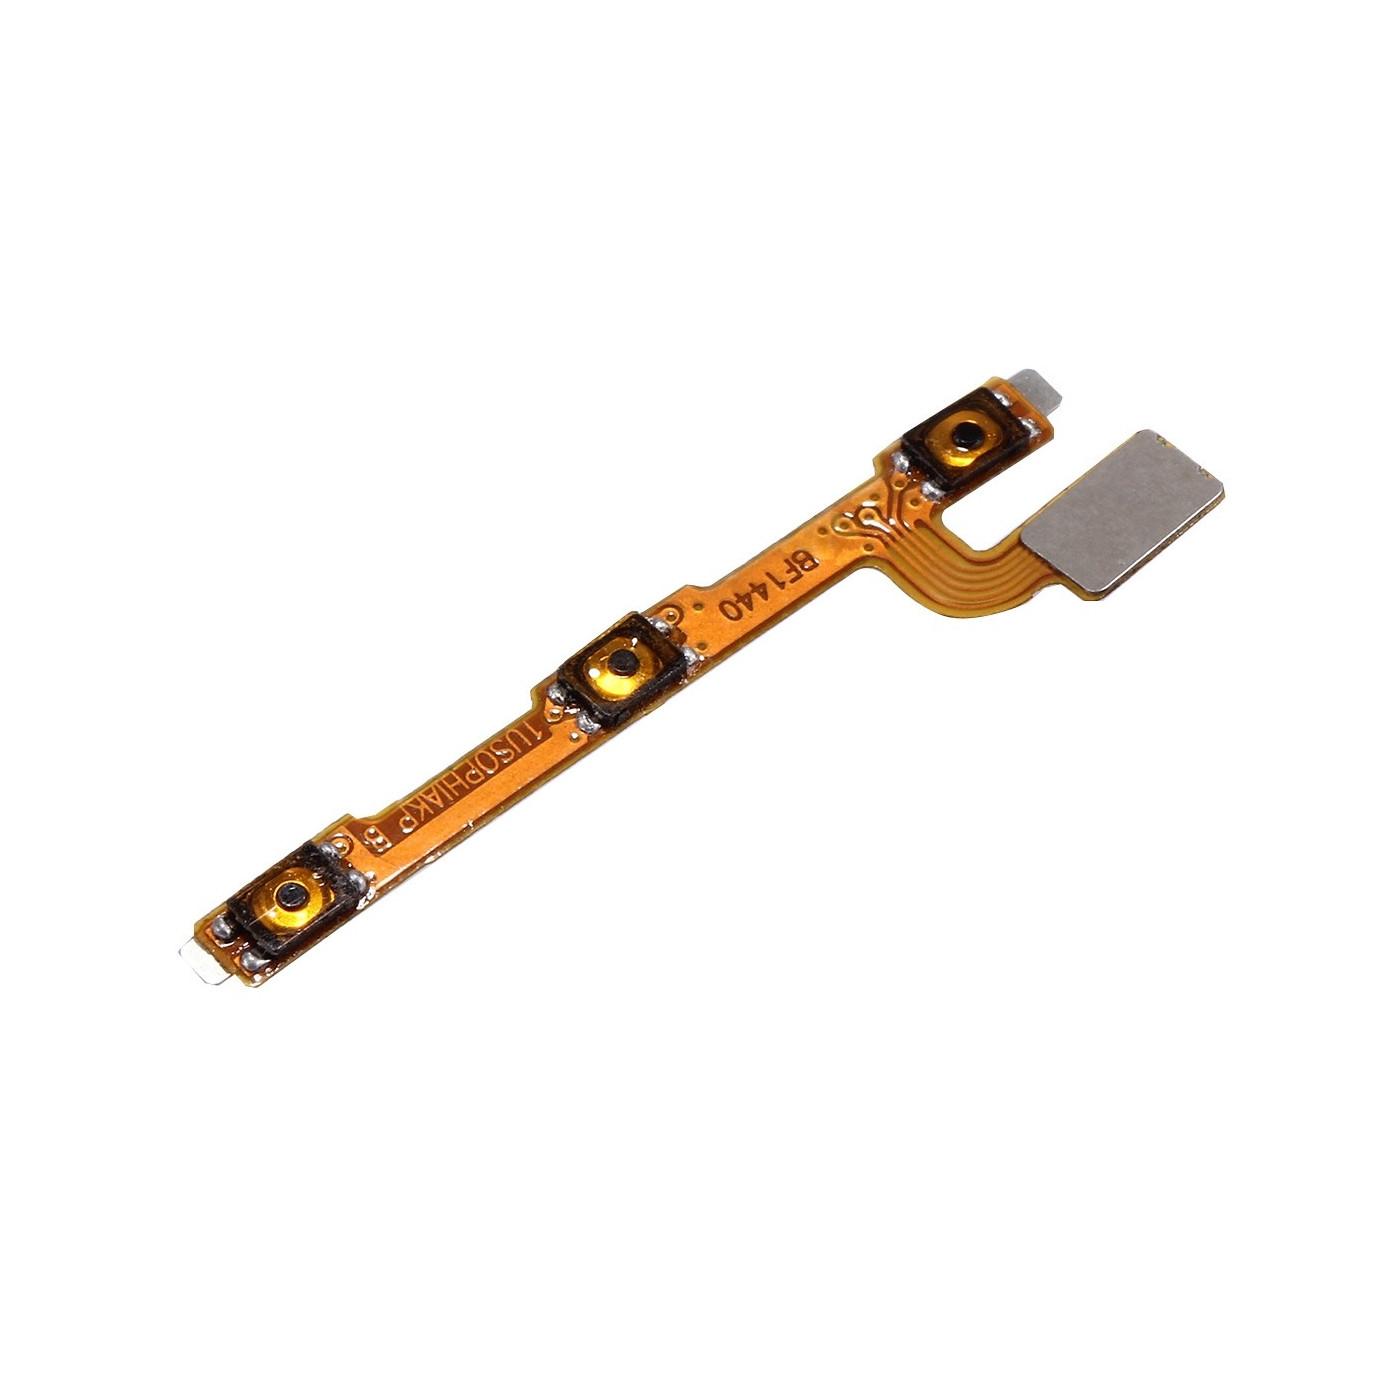 Huawei Ascend P7 Power Button & Volume Button Flex Cable